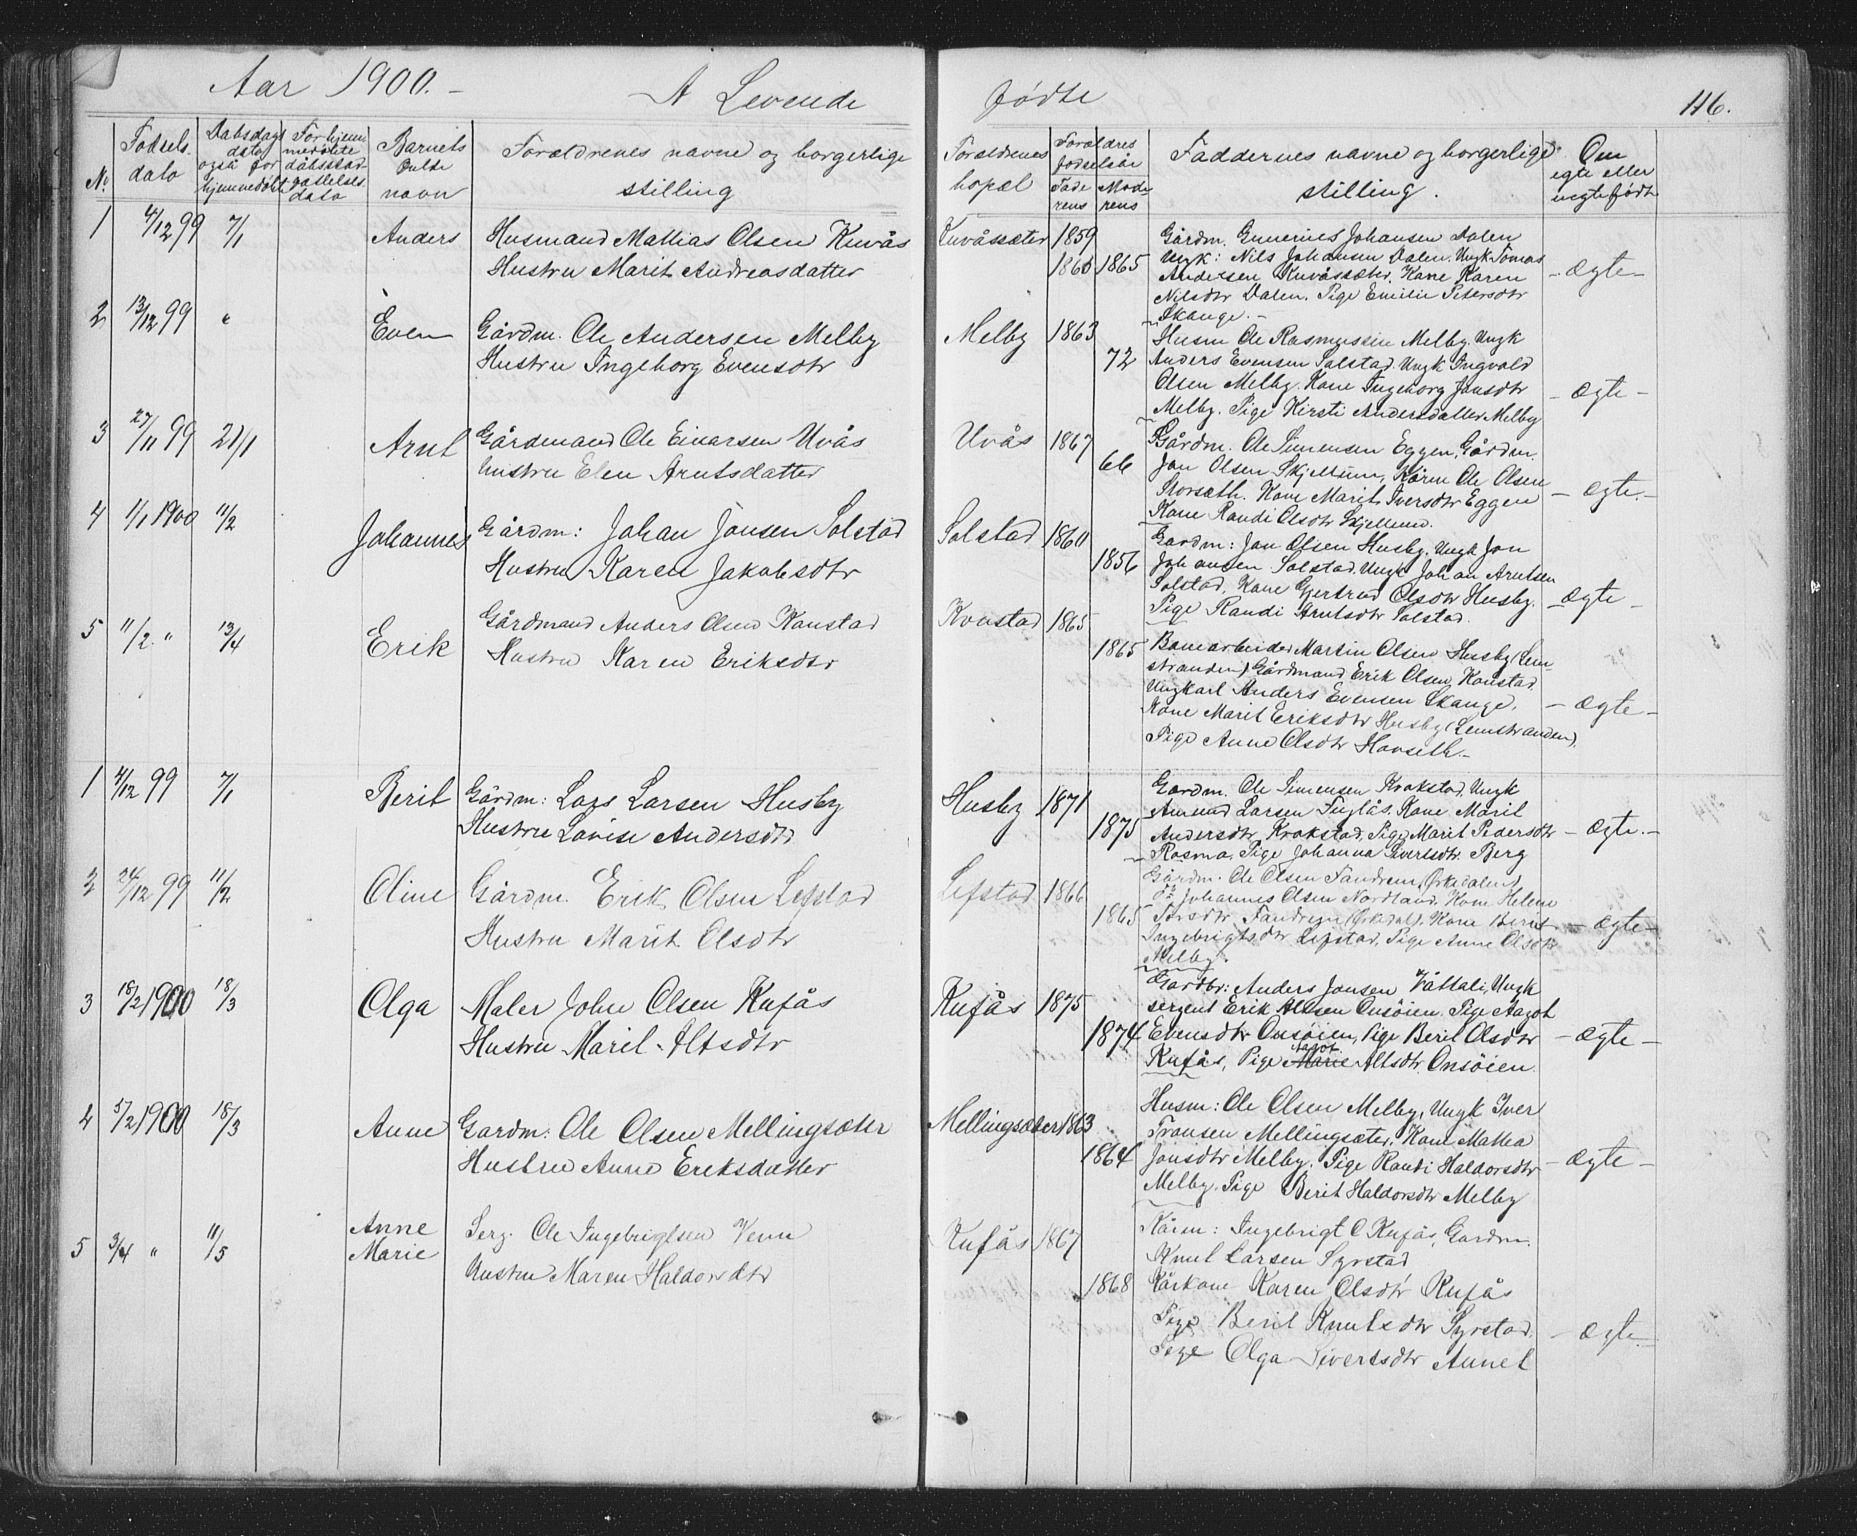 SAT, Ministerialprotokoller, klokkerbøker og fødselsregistre - Sør-Trøndelag, 667/L0798: Klokkerbok nr. 667C03, 1867-1929, s. 116